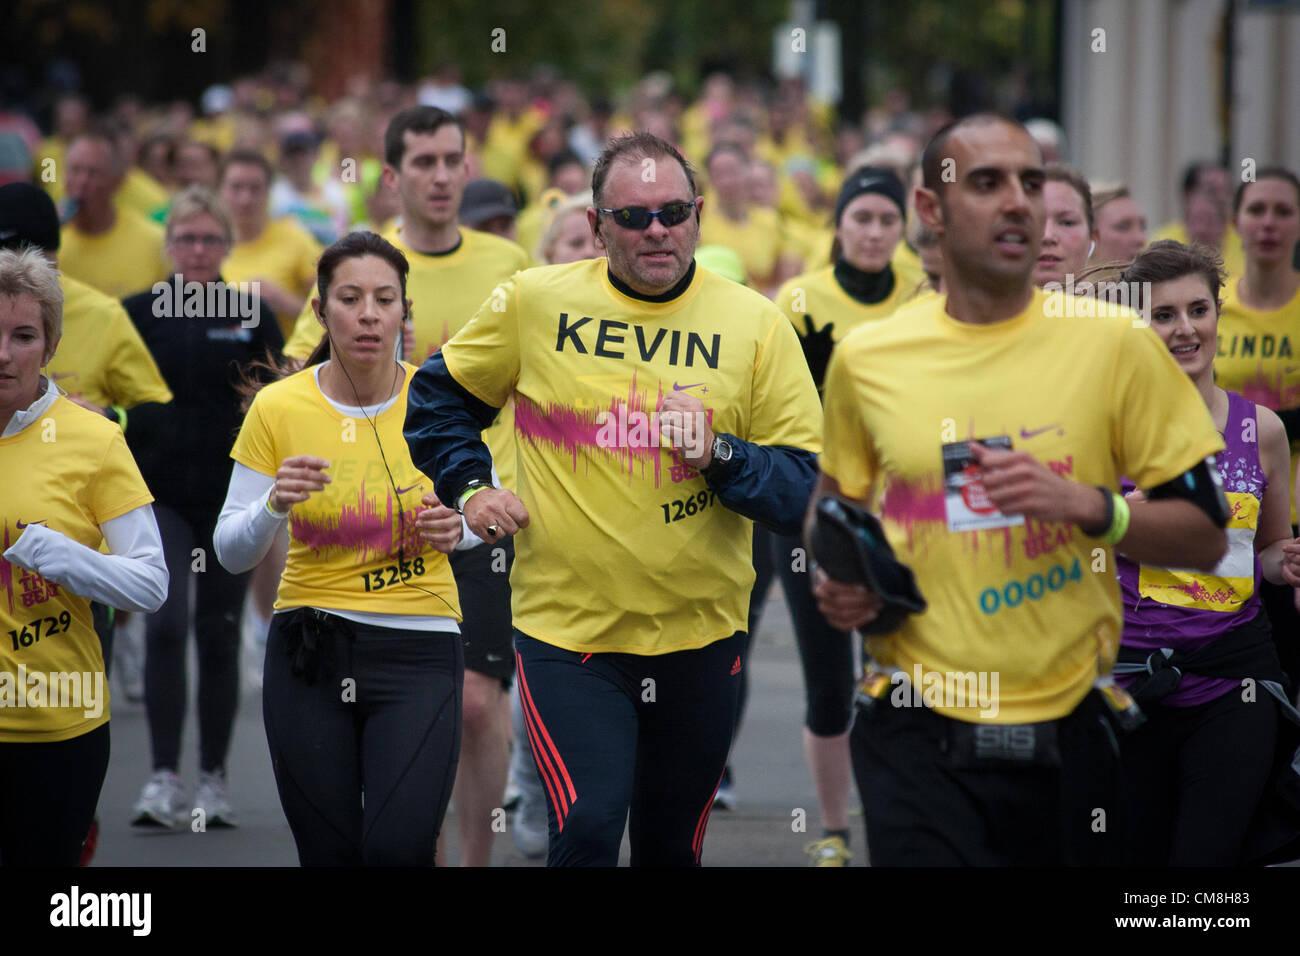 Londra, UK, domenica 28 ottobre 2012. I corridori prendere parte nella corsa al ritmo mezza maratona su Park Row, Immagini Stock